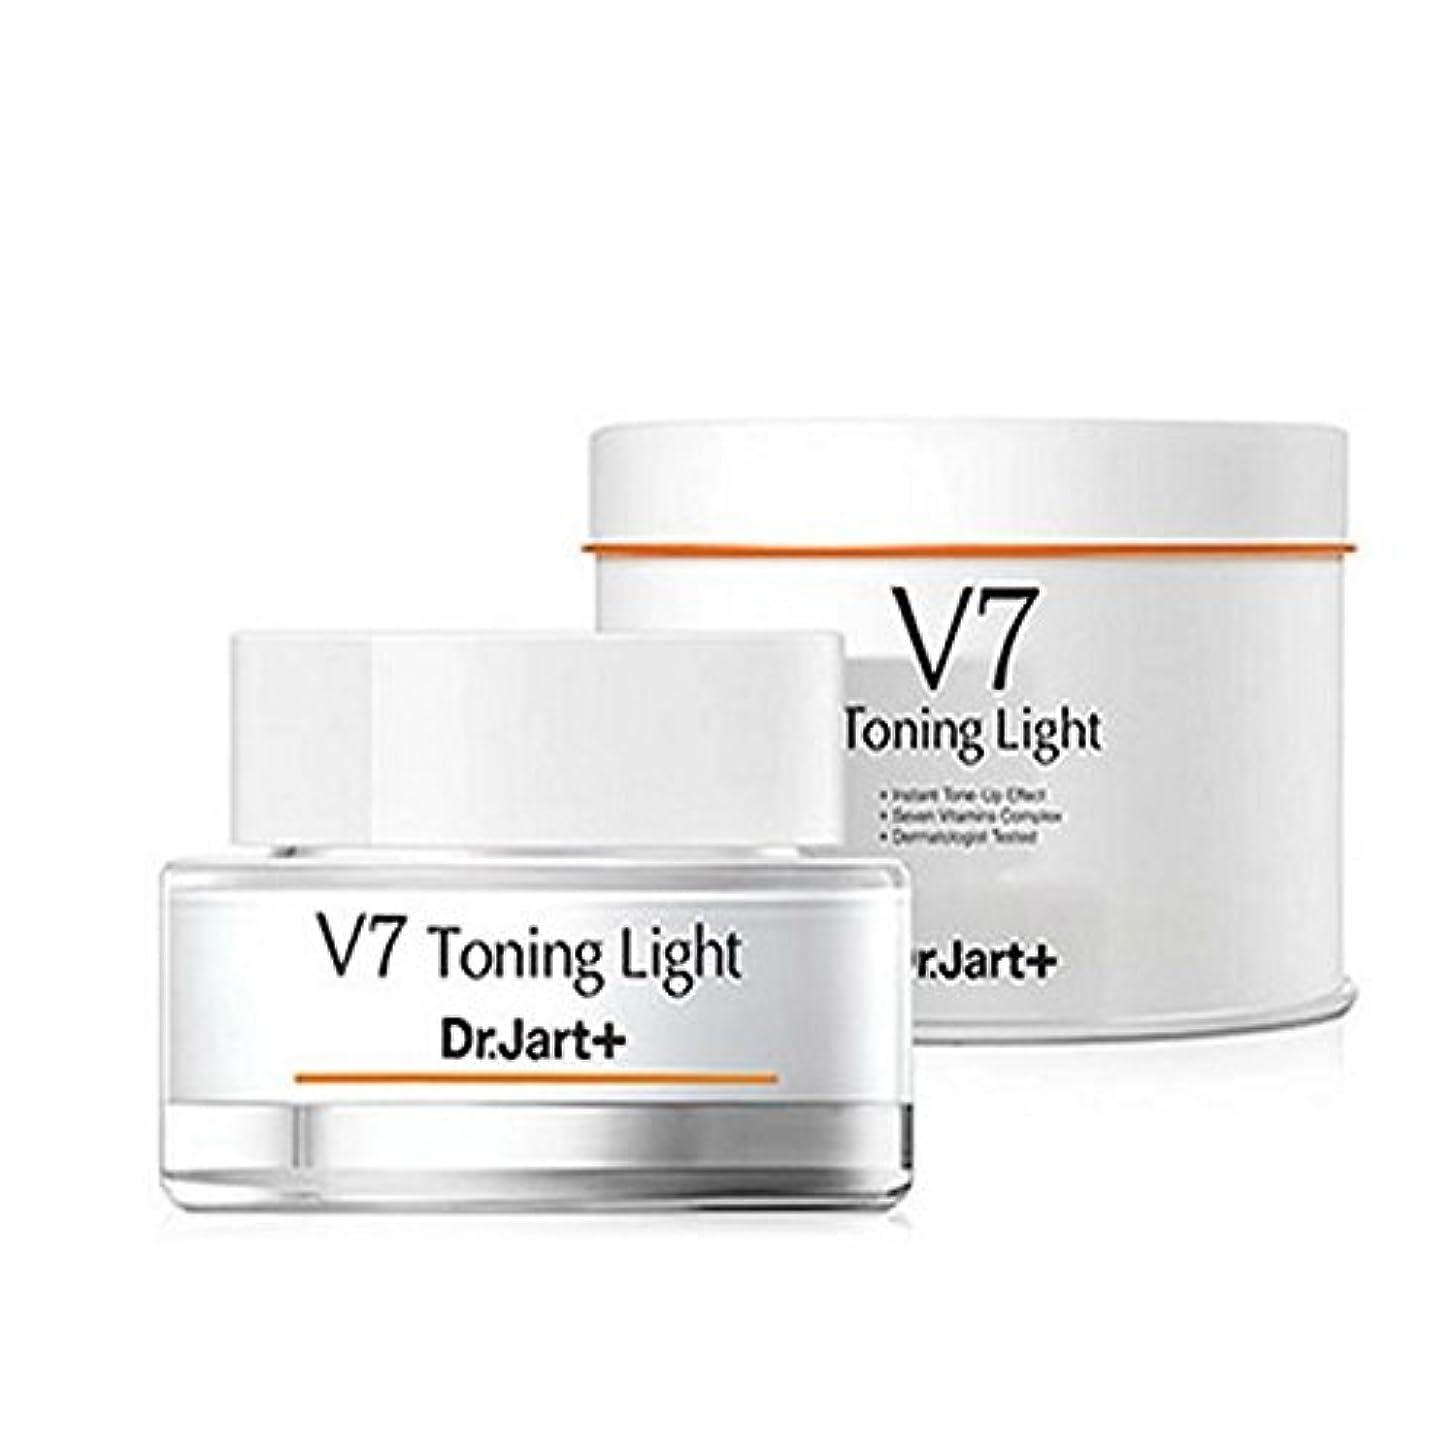 重さふざけた乱用Dr. Jart /ドクタージャルト V7 トーニングライト/V7 Toning Lihgt 50ml/100% Authentic direct from Korea [並行輸入品]